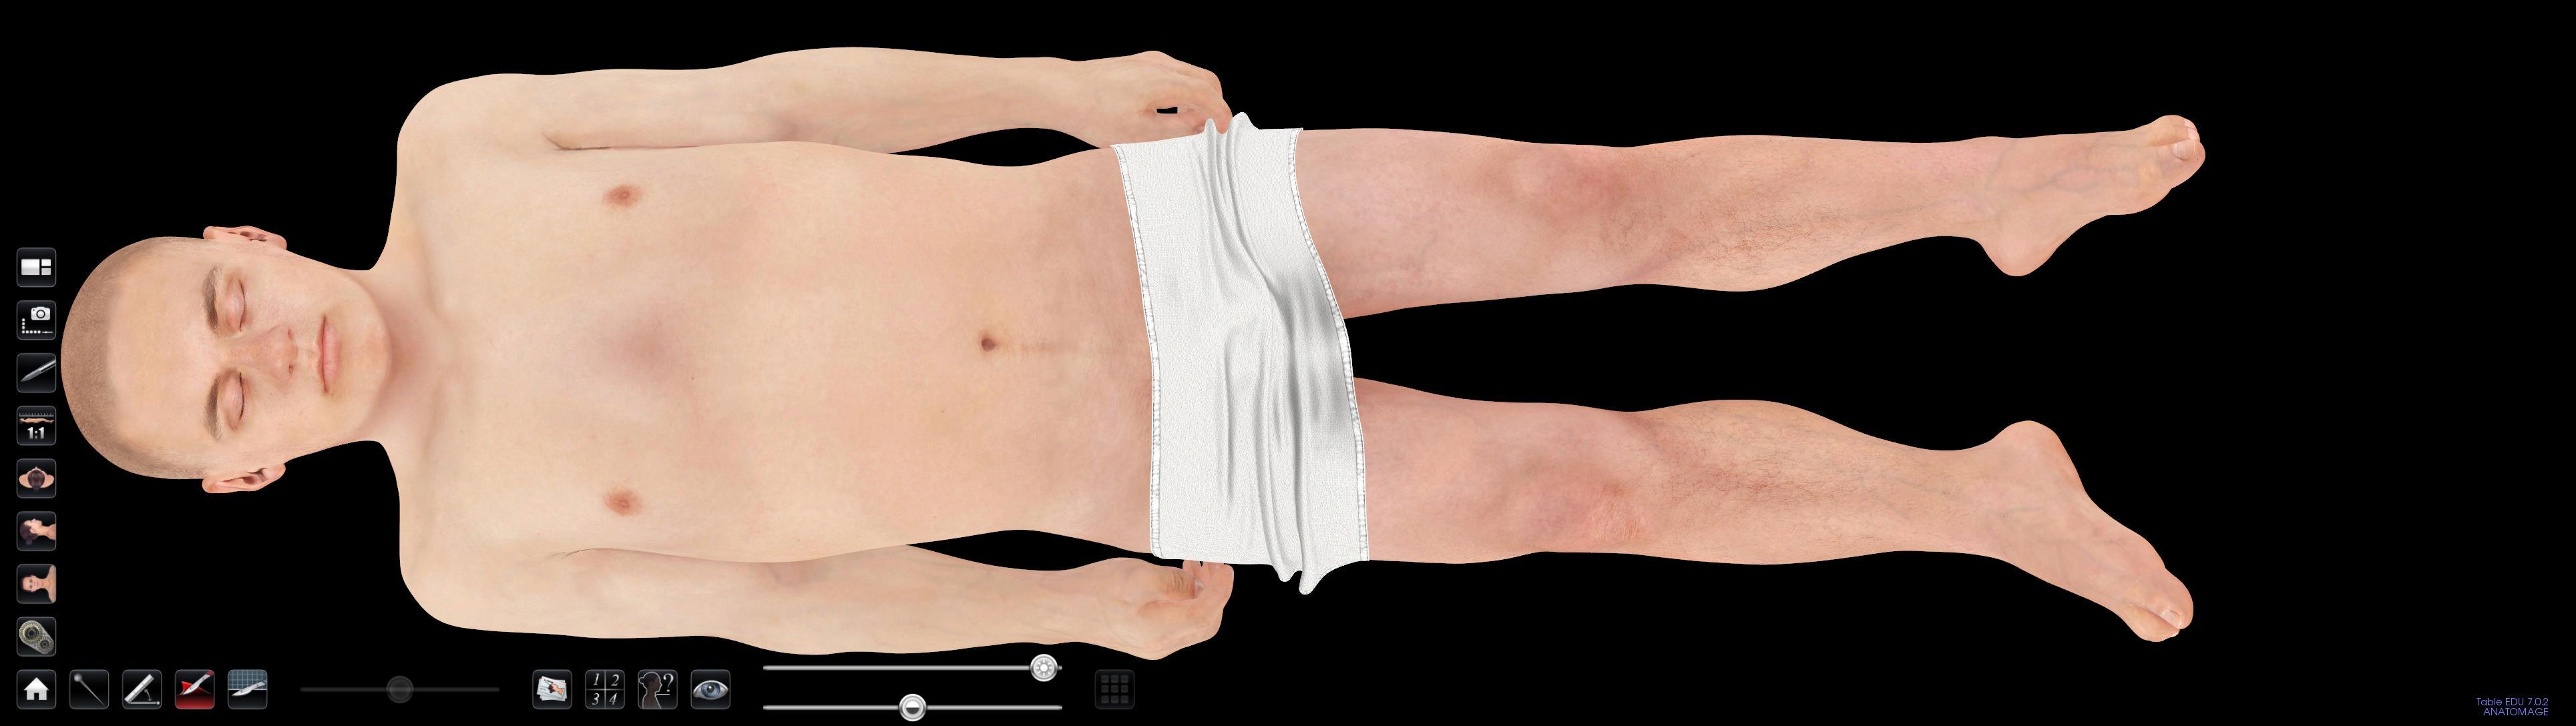 asian male body